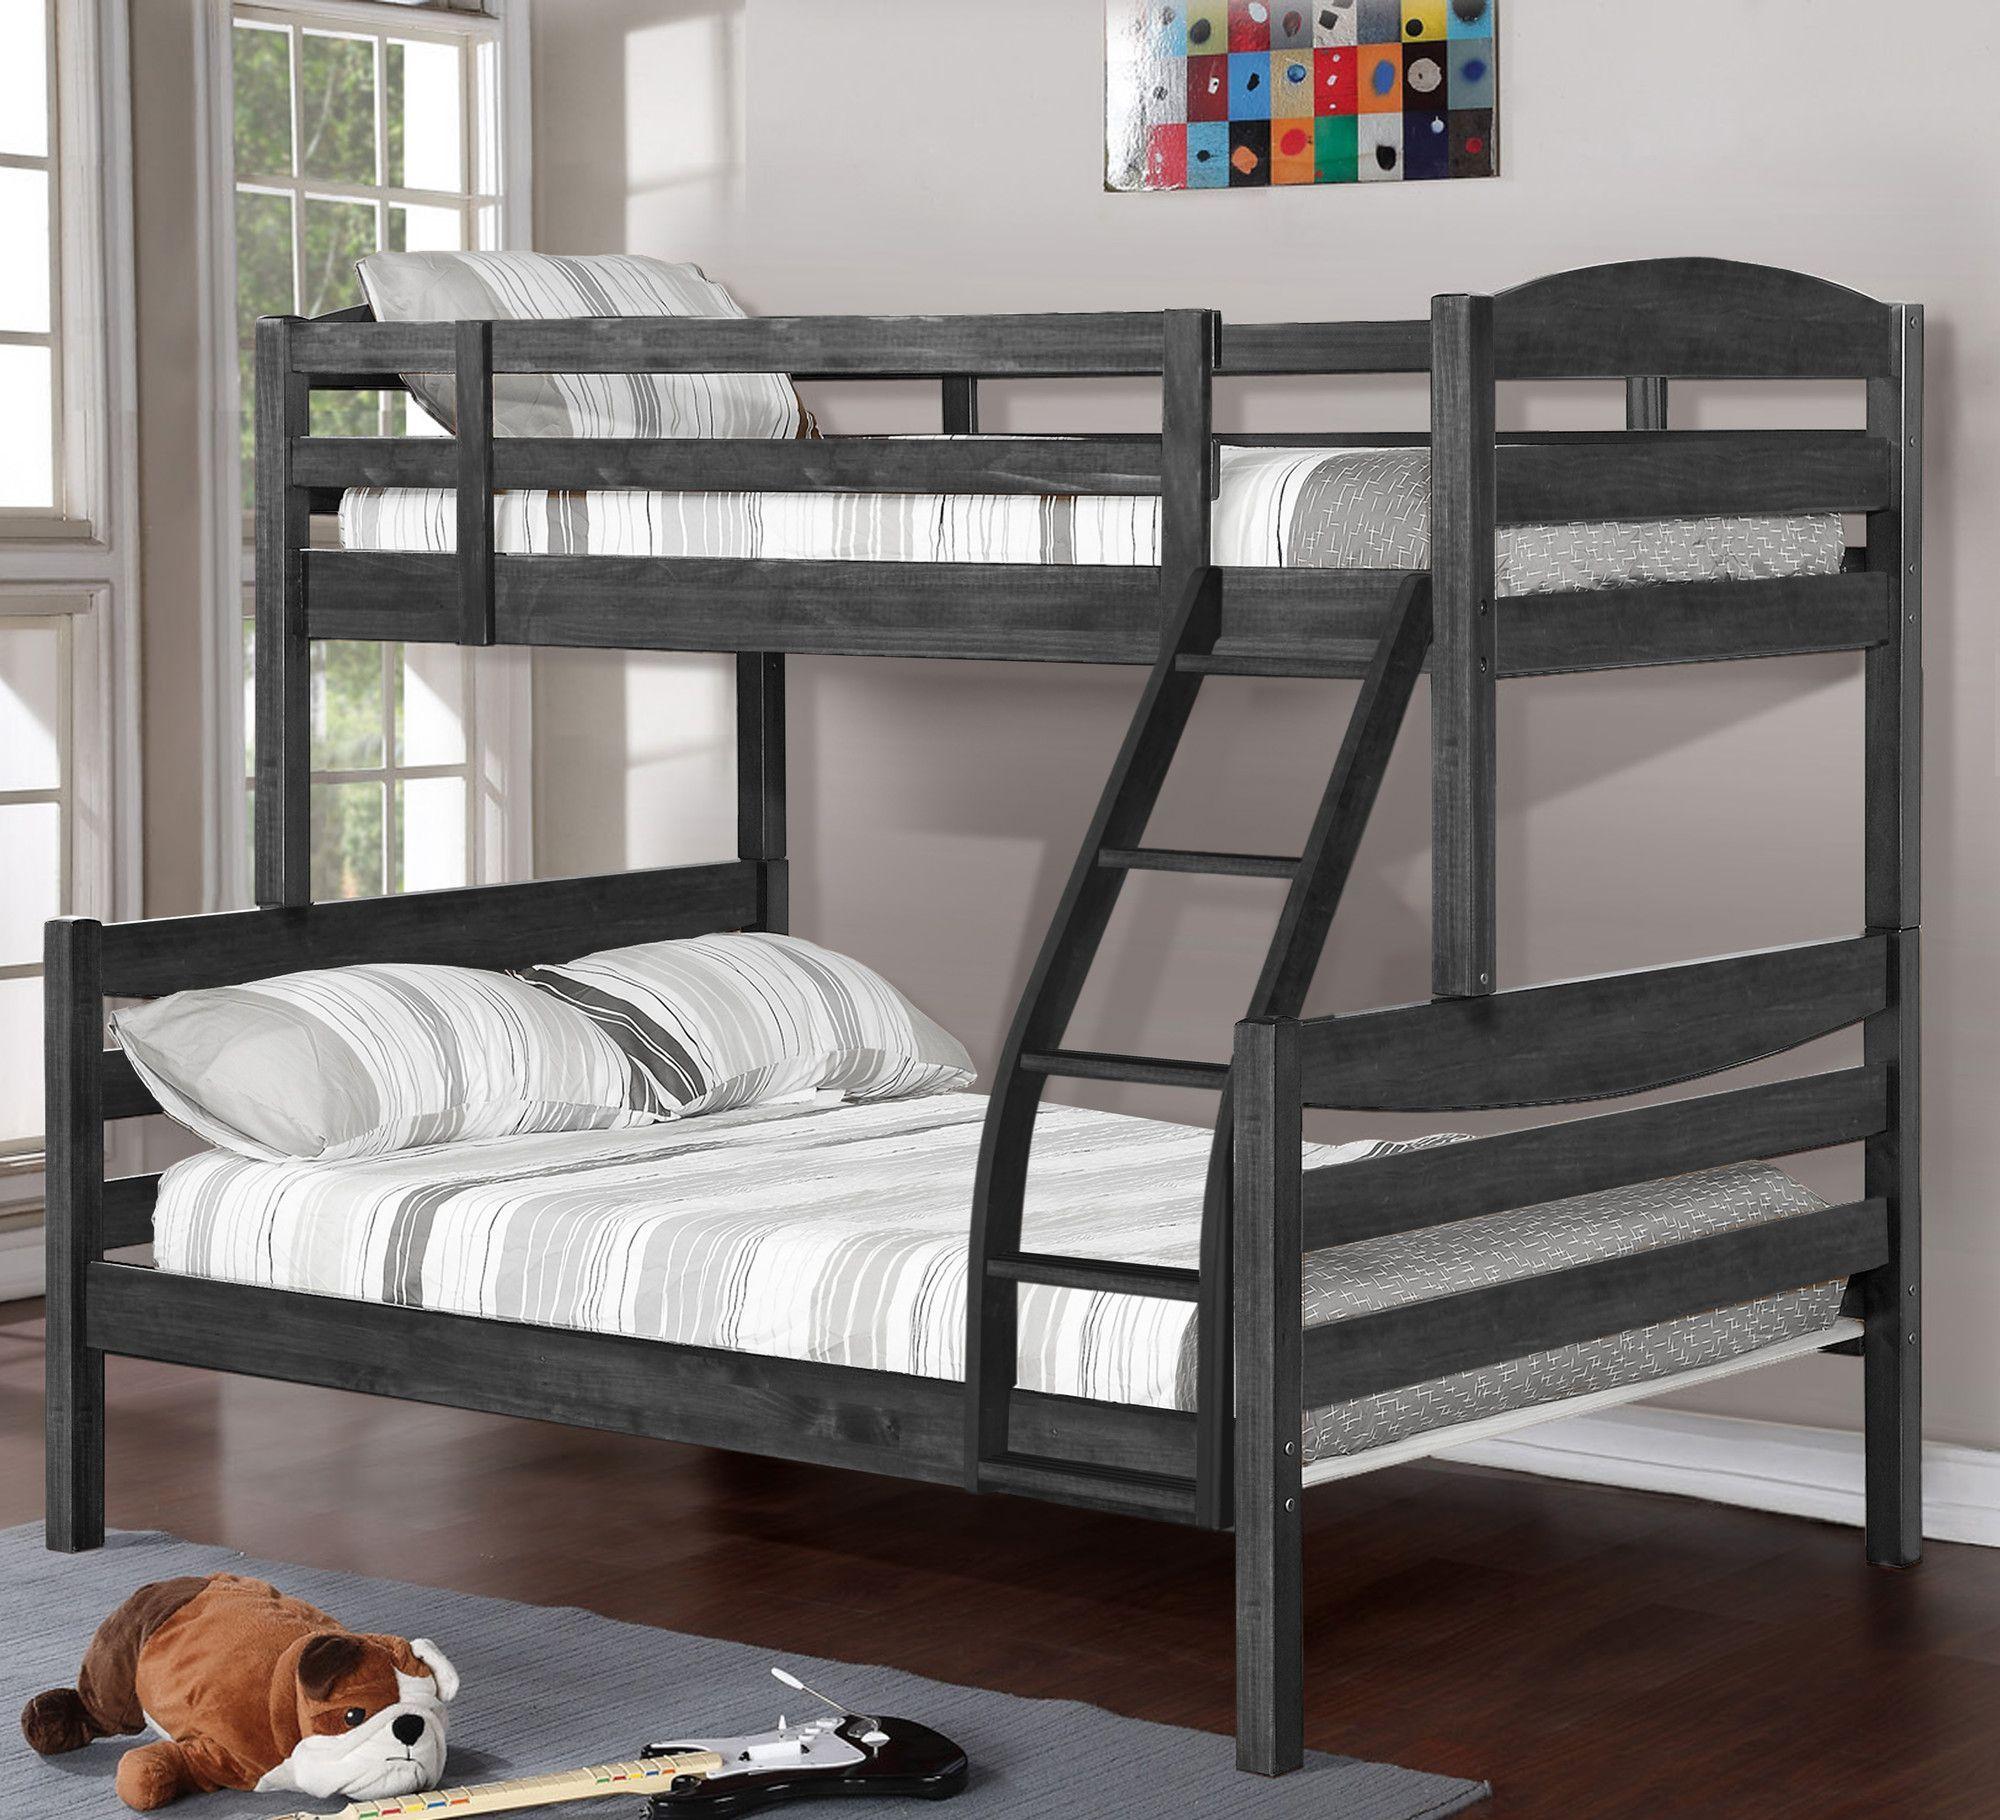 Cooles Doppelstock-Bett; unten könnte man auch als Liegewiese nutzen ...